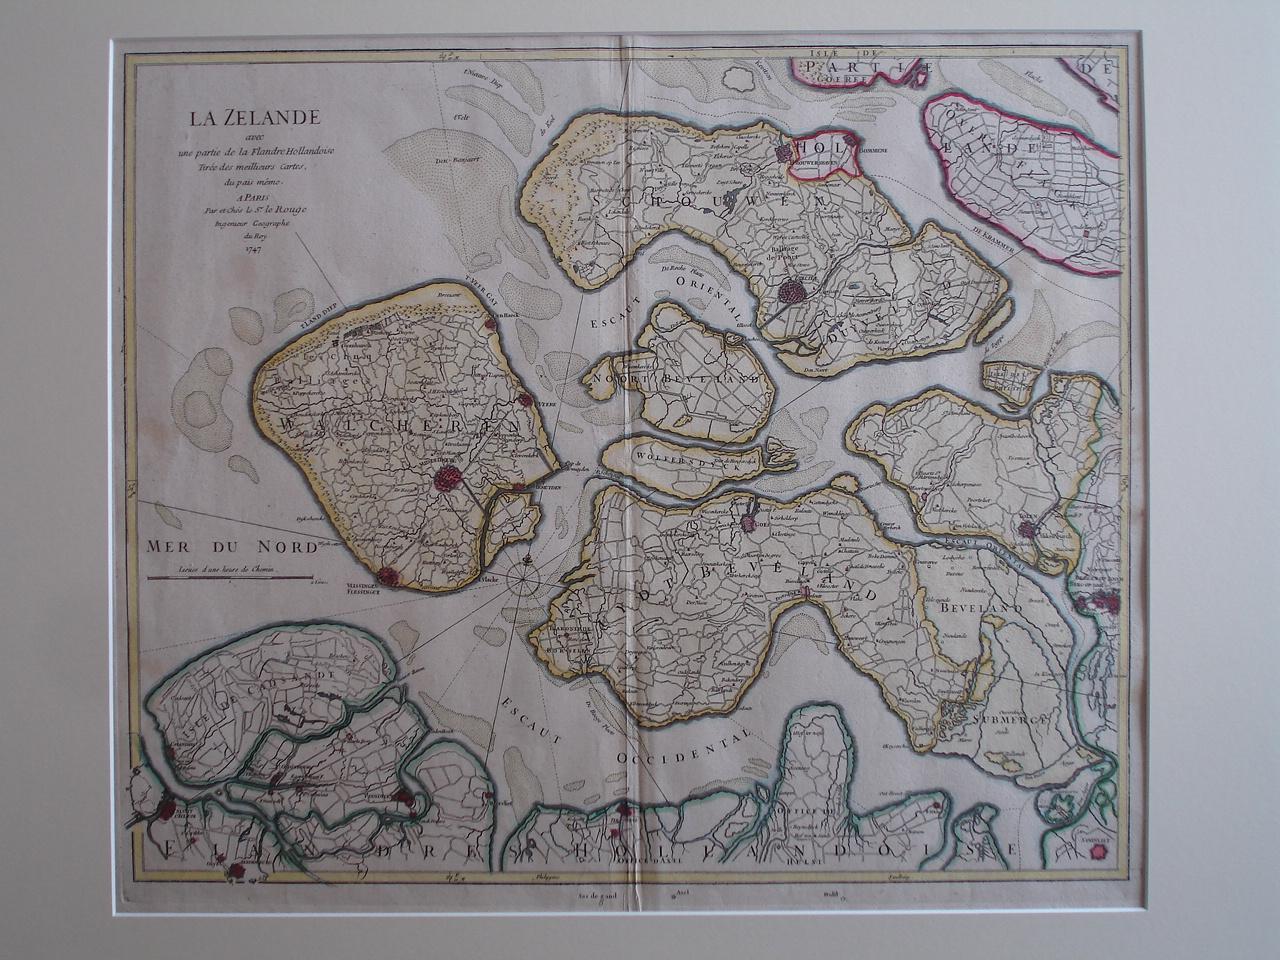 ZEELAND.. - La Zelande avec une partie de la Flandre Hollandoise tirée des meillieurs cartes dus païs même.